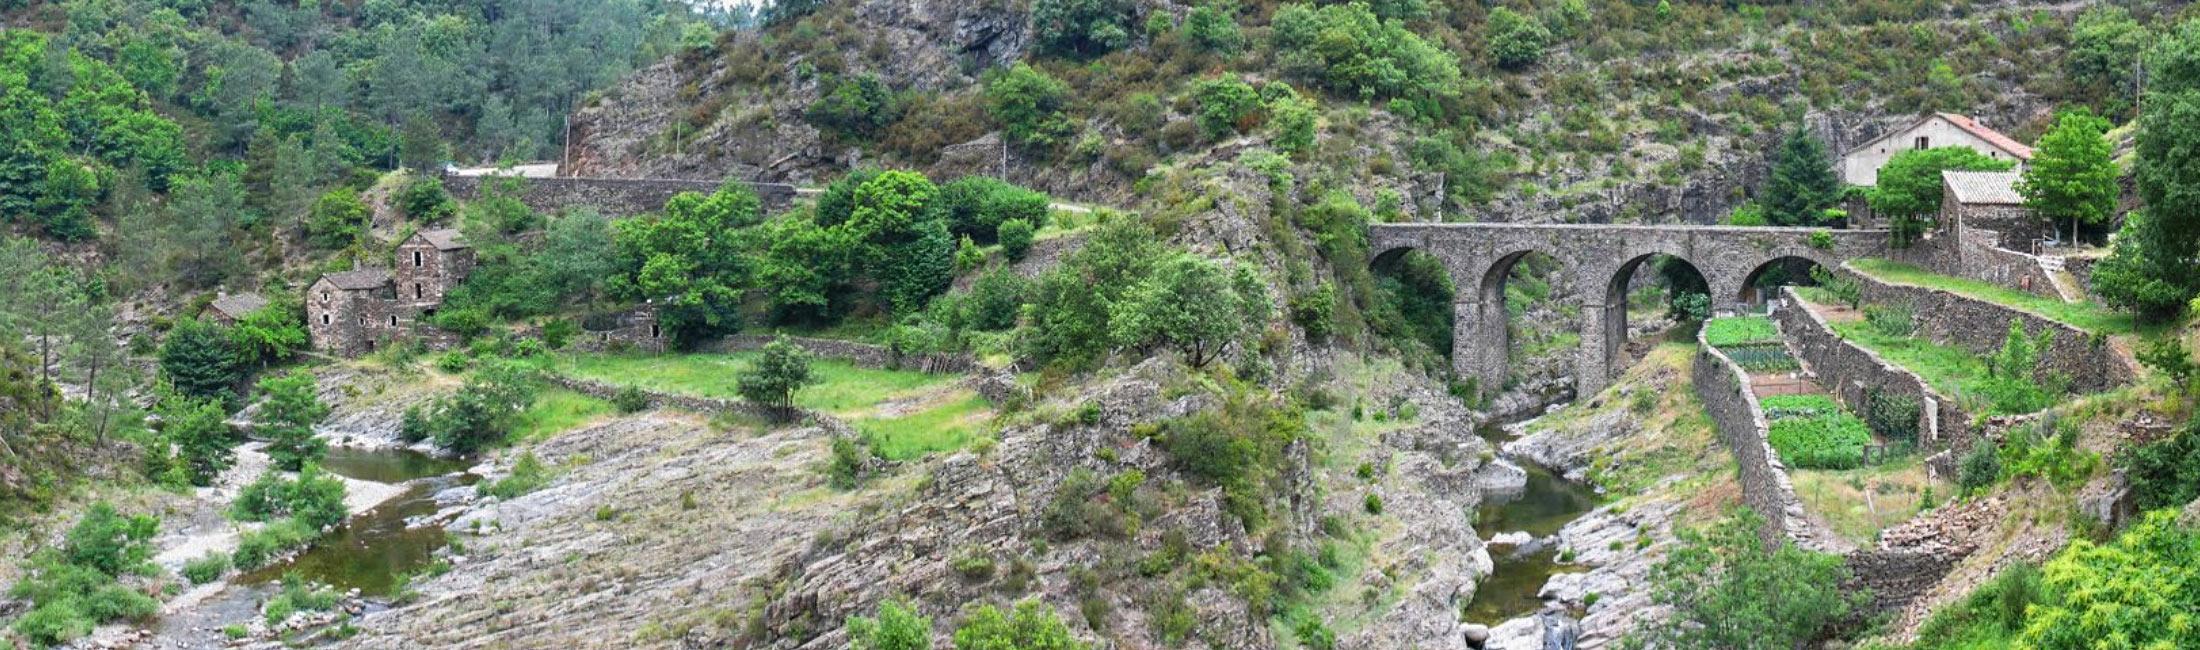 La Drobie et le ruisseau de Pourcharesse